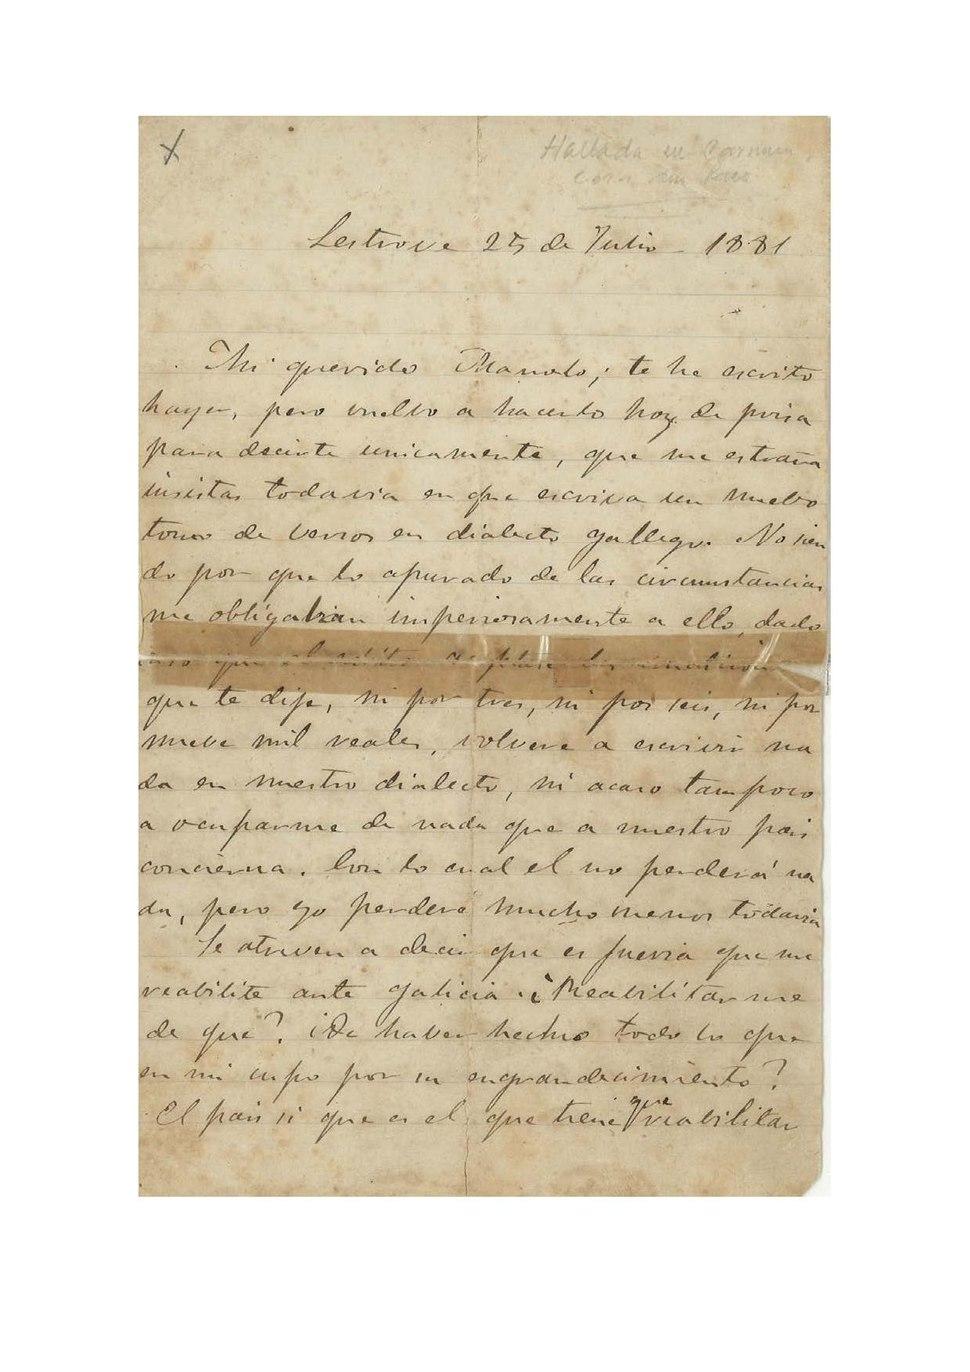 Carta de Rosalía. Lestrove, 25 de julio de 1881. Mi querido Manolo te he escrito ayer, pero vuelvo a hacerlo hoy.pdf